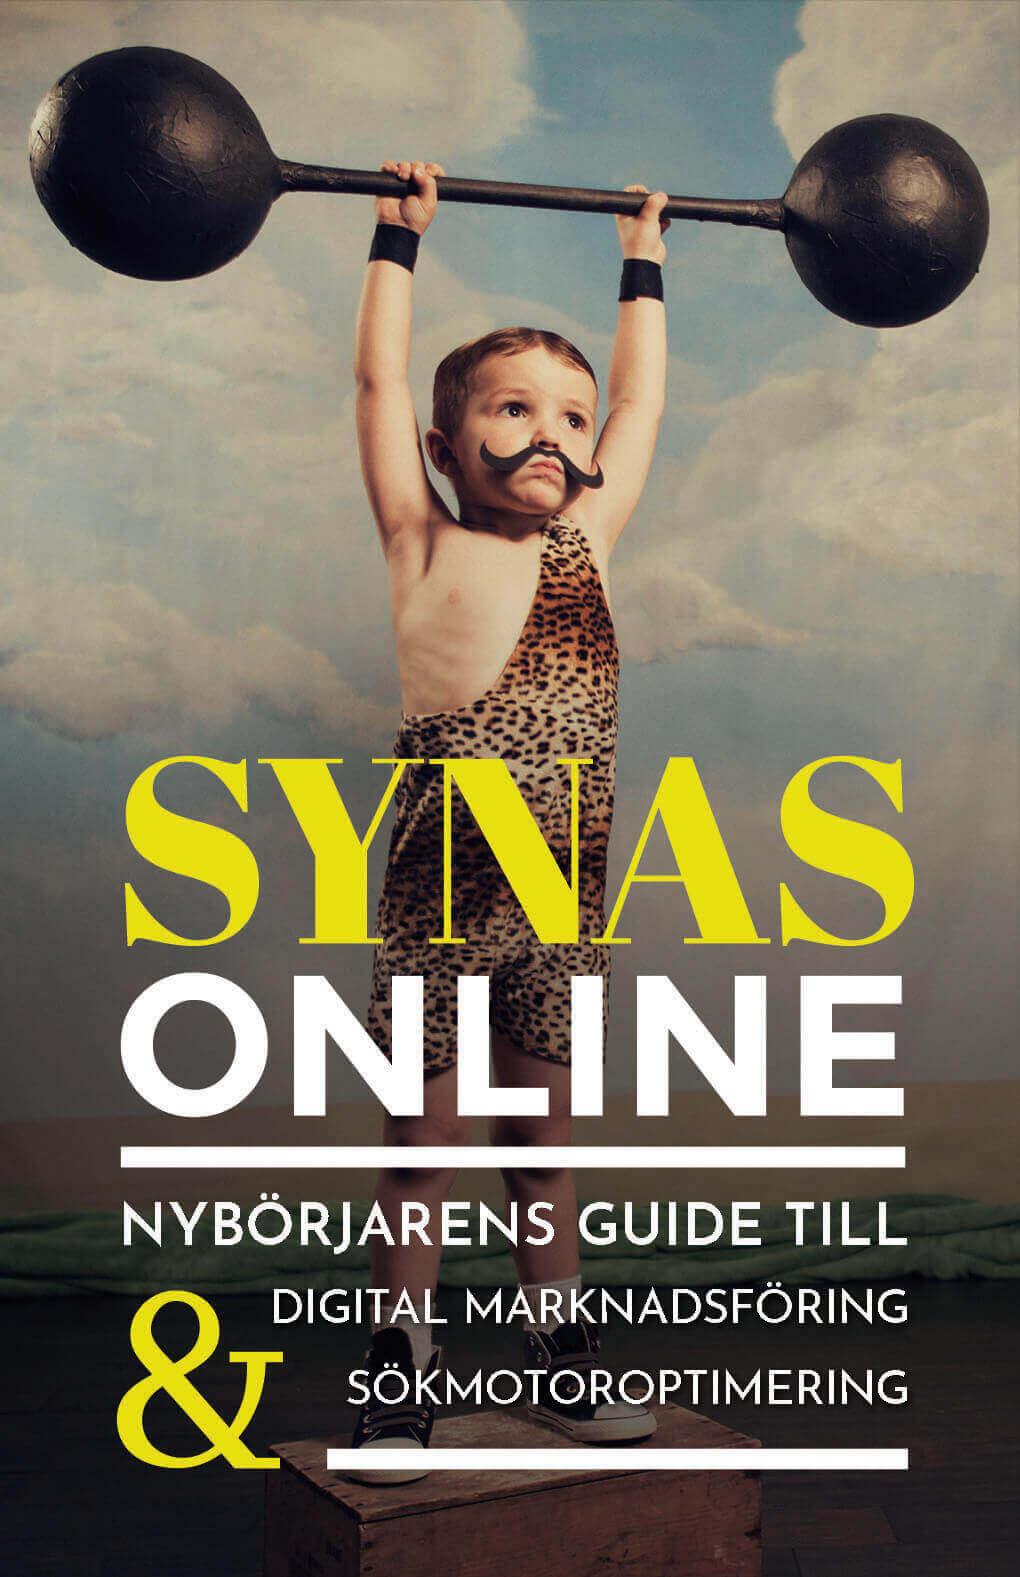 Synas Online. Nybörjarens guide till marknadsföring och sökmotoroptimering bokomslag